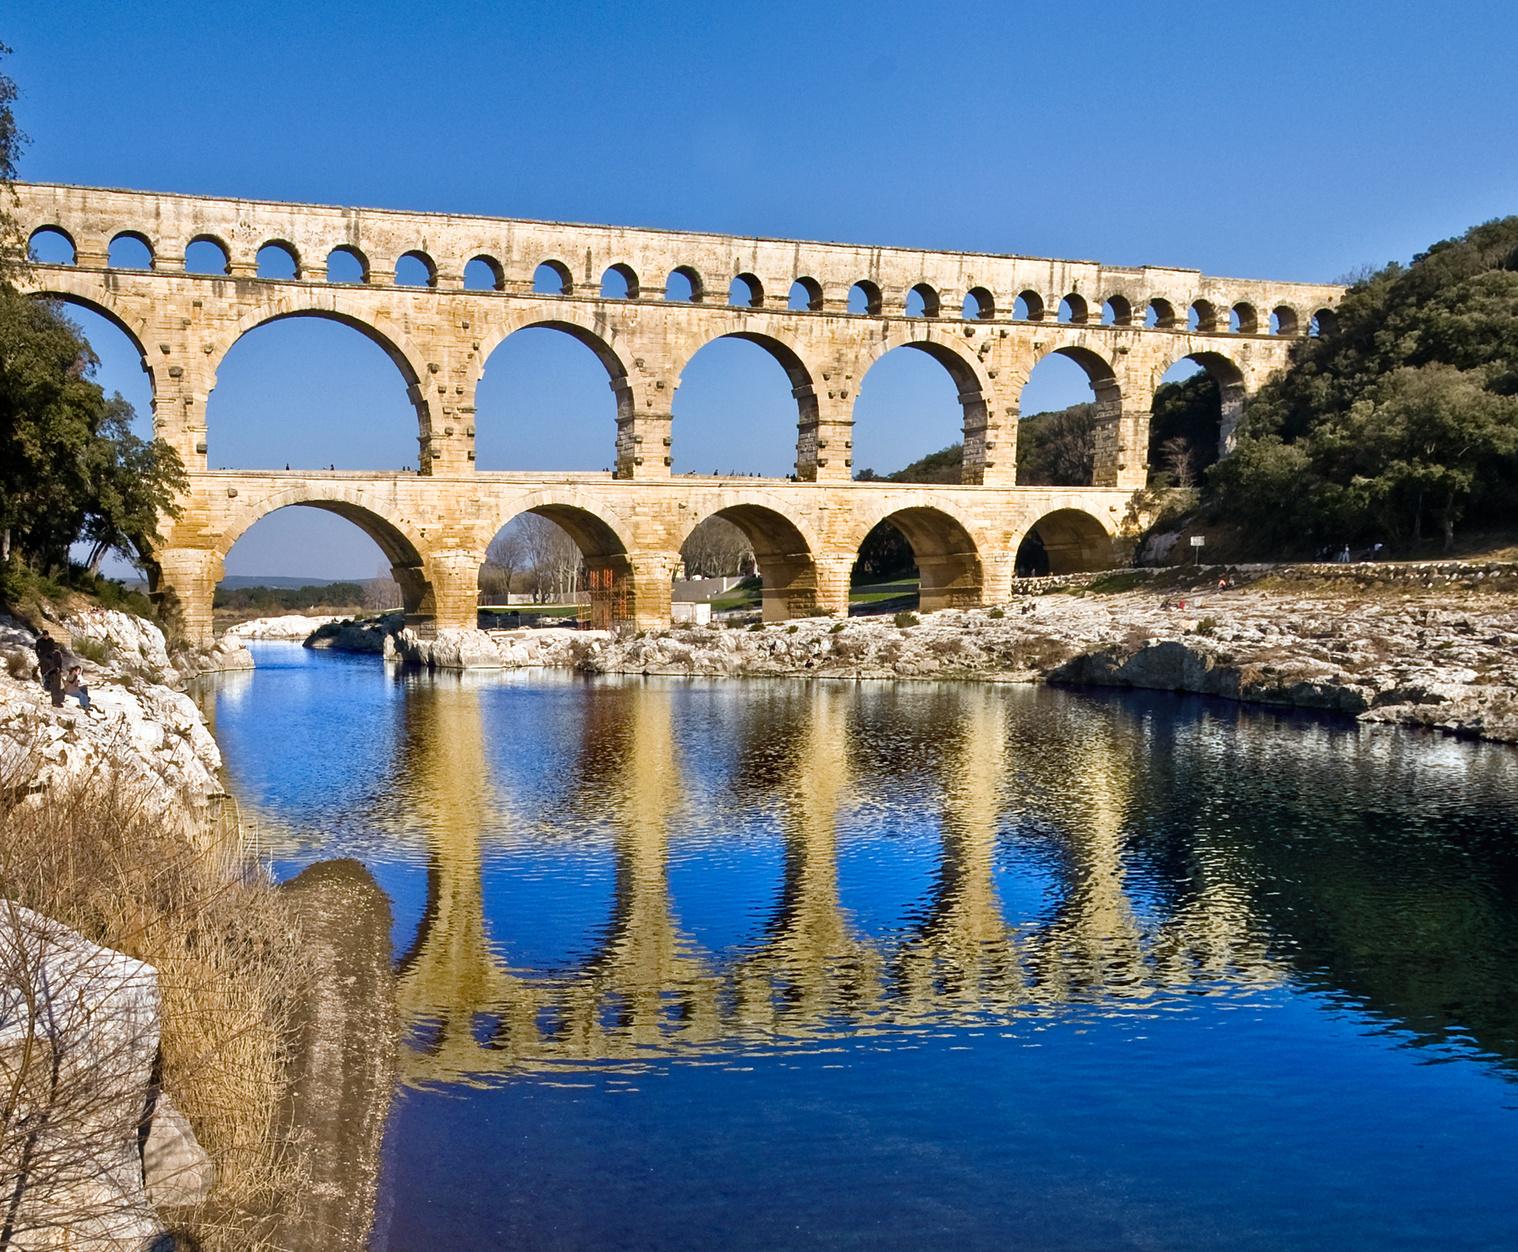 Pont du Gard - Visite près de Nîmes - Résidence Grizot